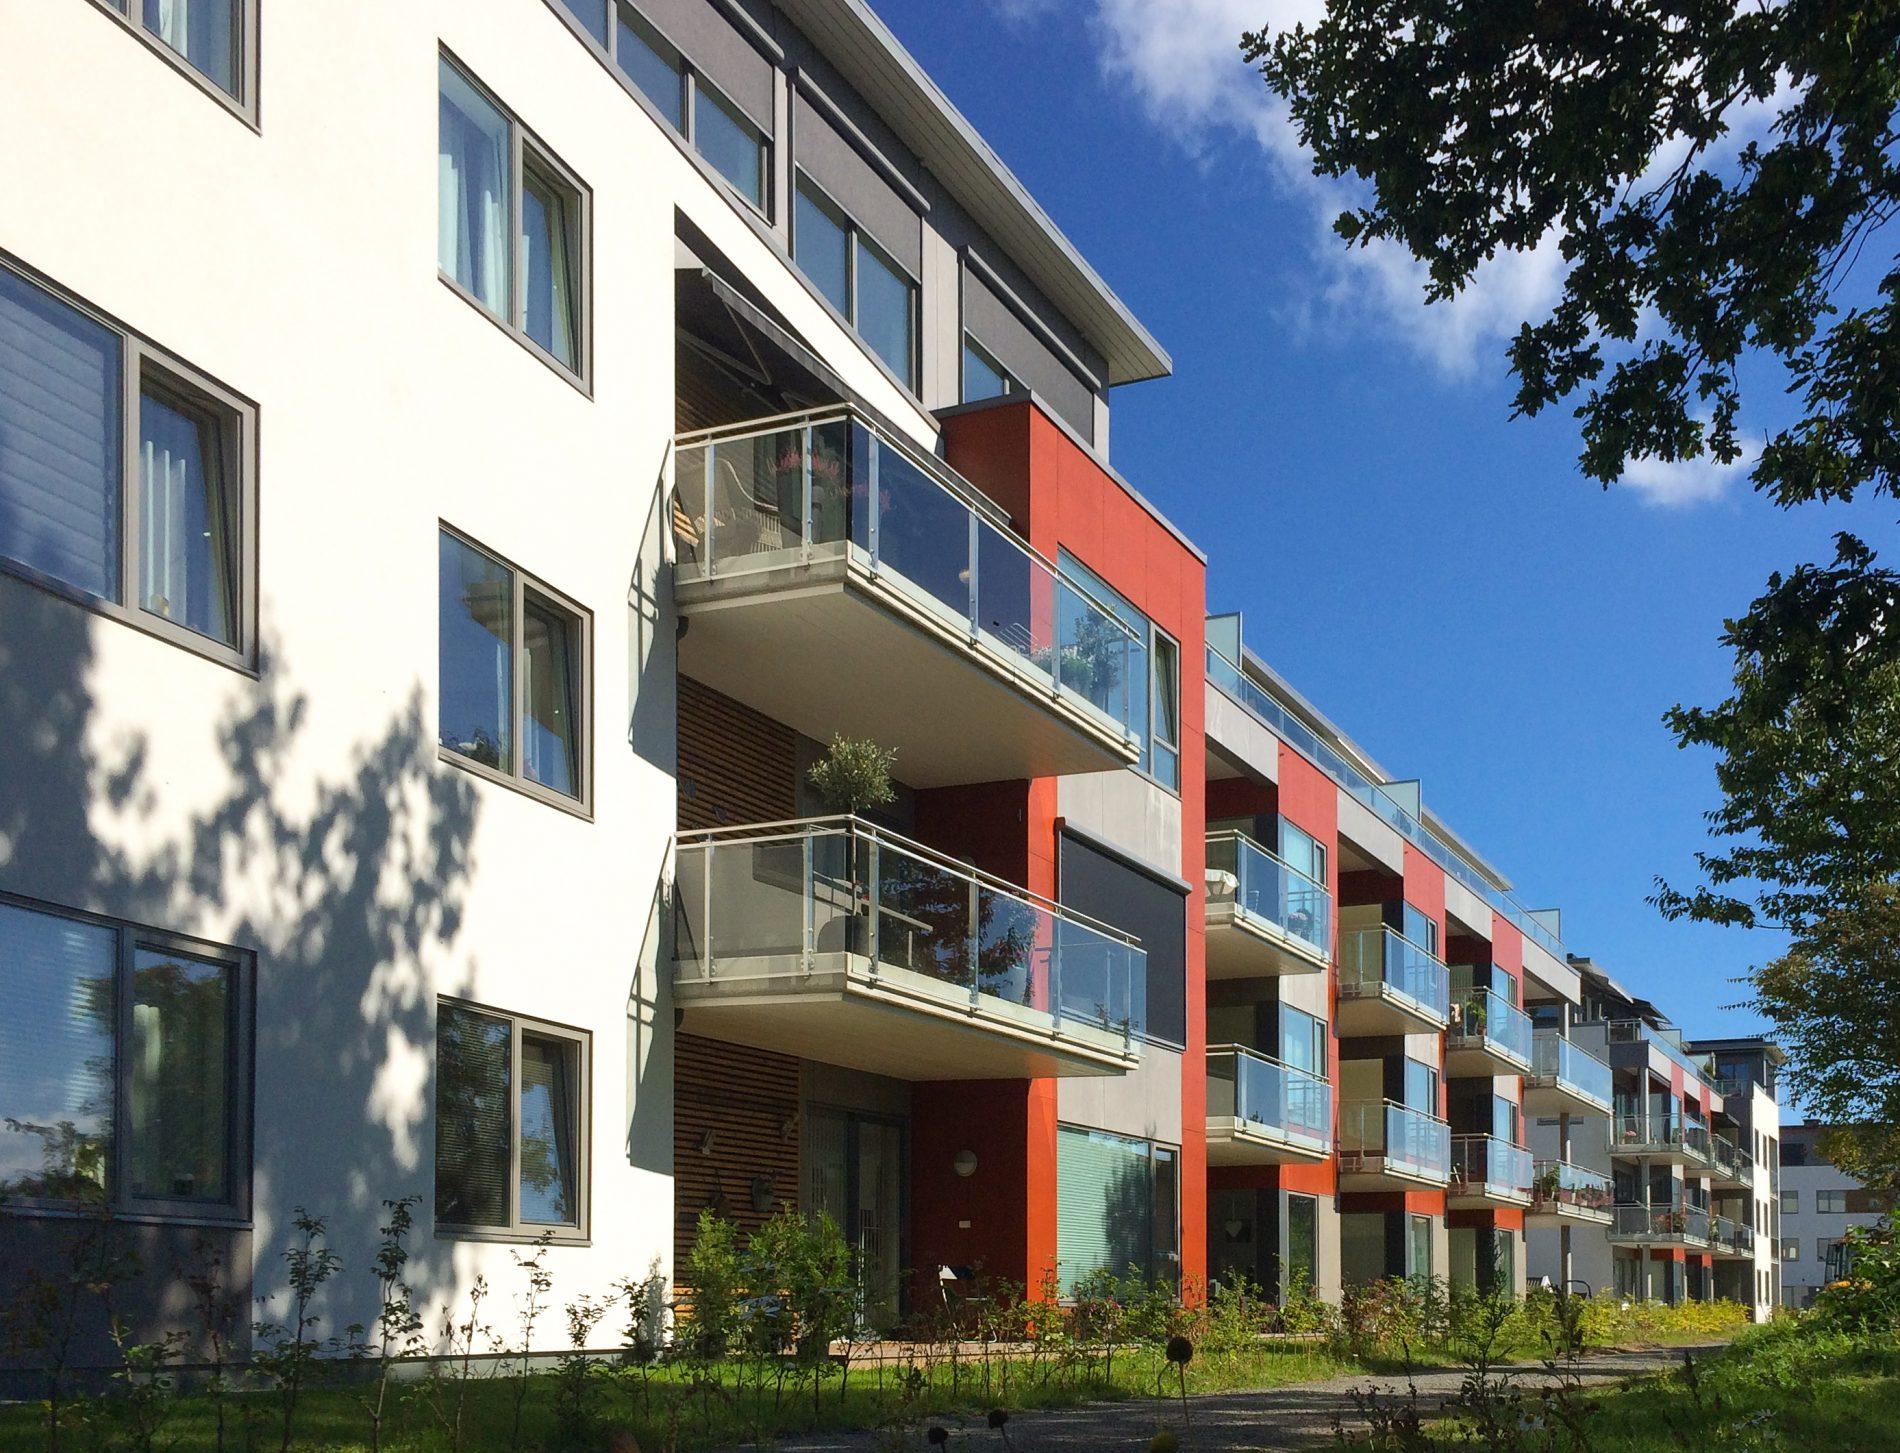 Gimleveien i Kristiansand: 90 leiligheter og parkering